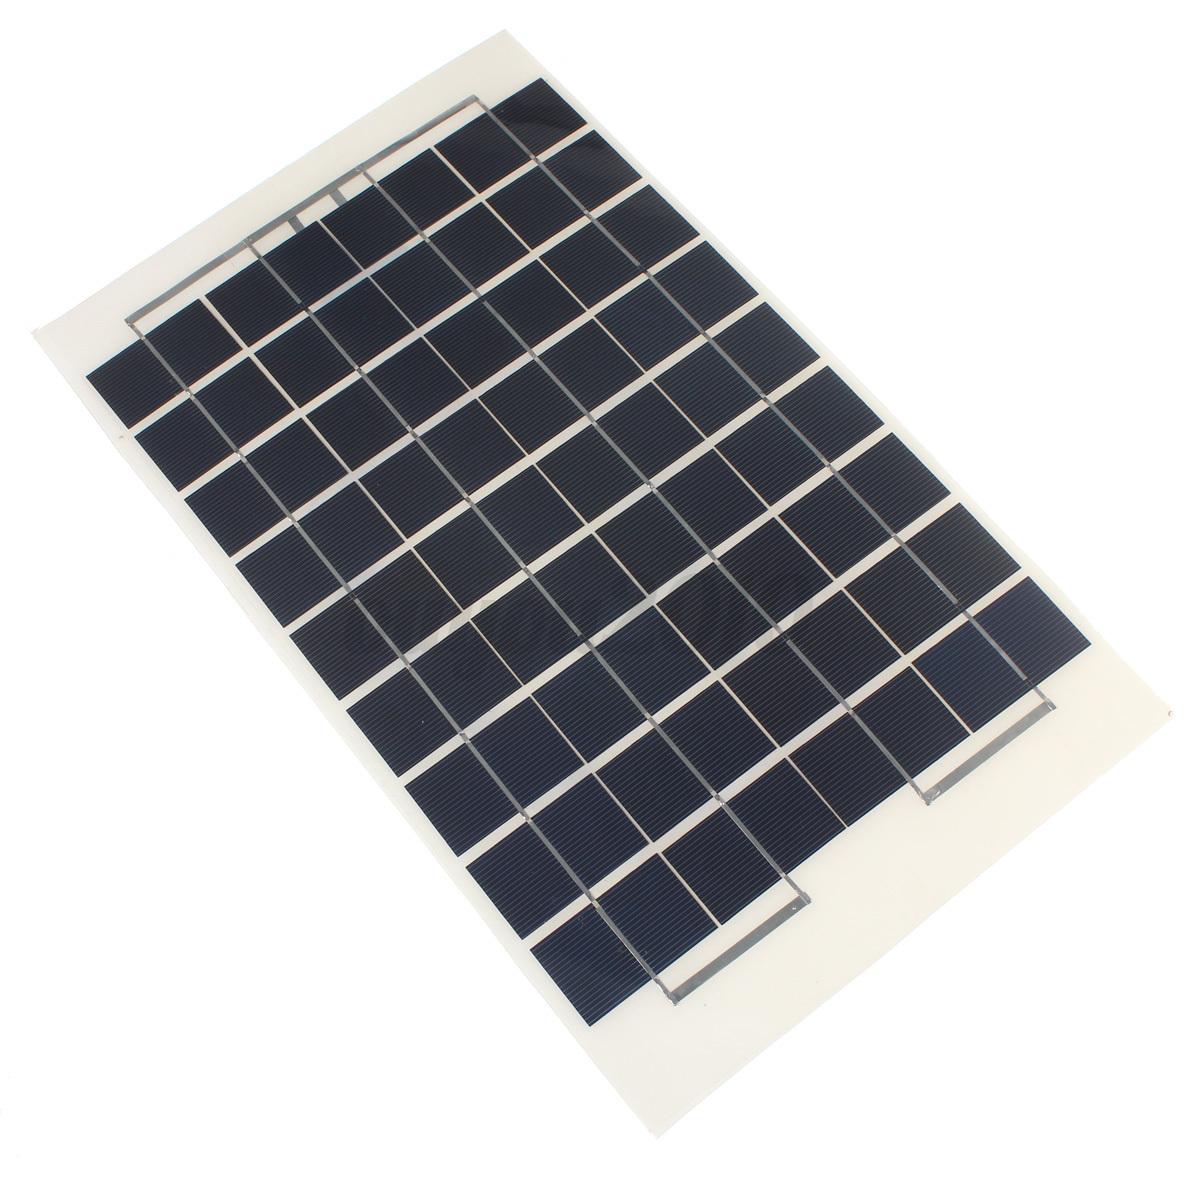 10w 12v cellules module panneau solaire chargeur batterie pour voiture moto diy ebay - Panneau solaire quelle puissance ...